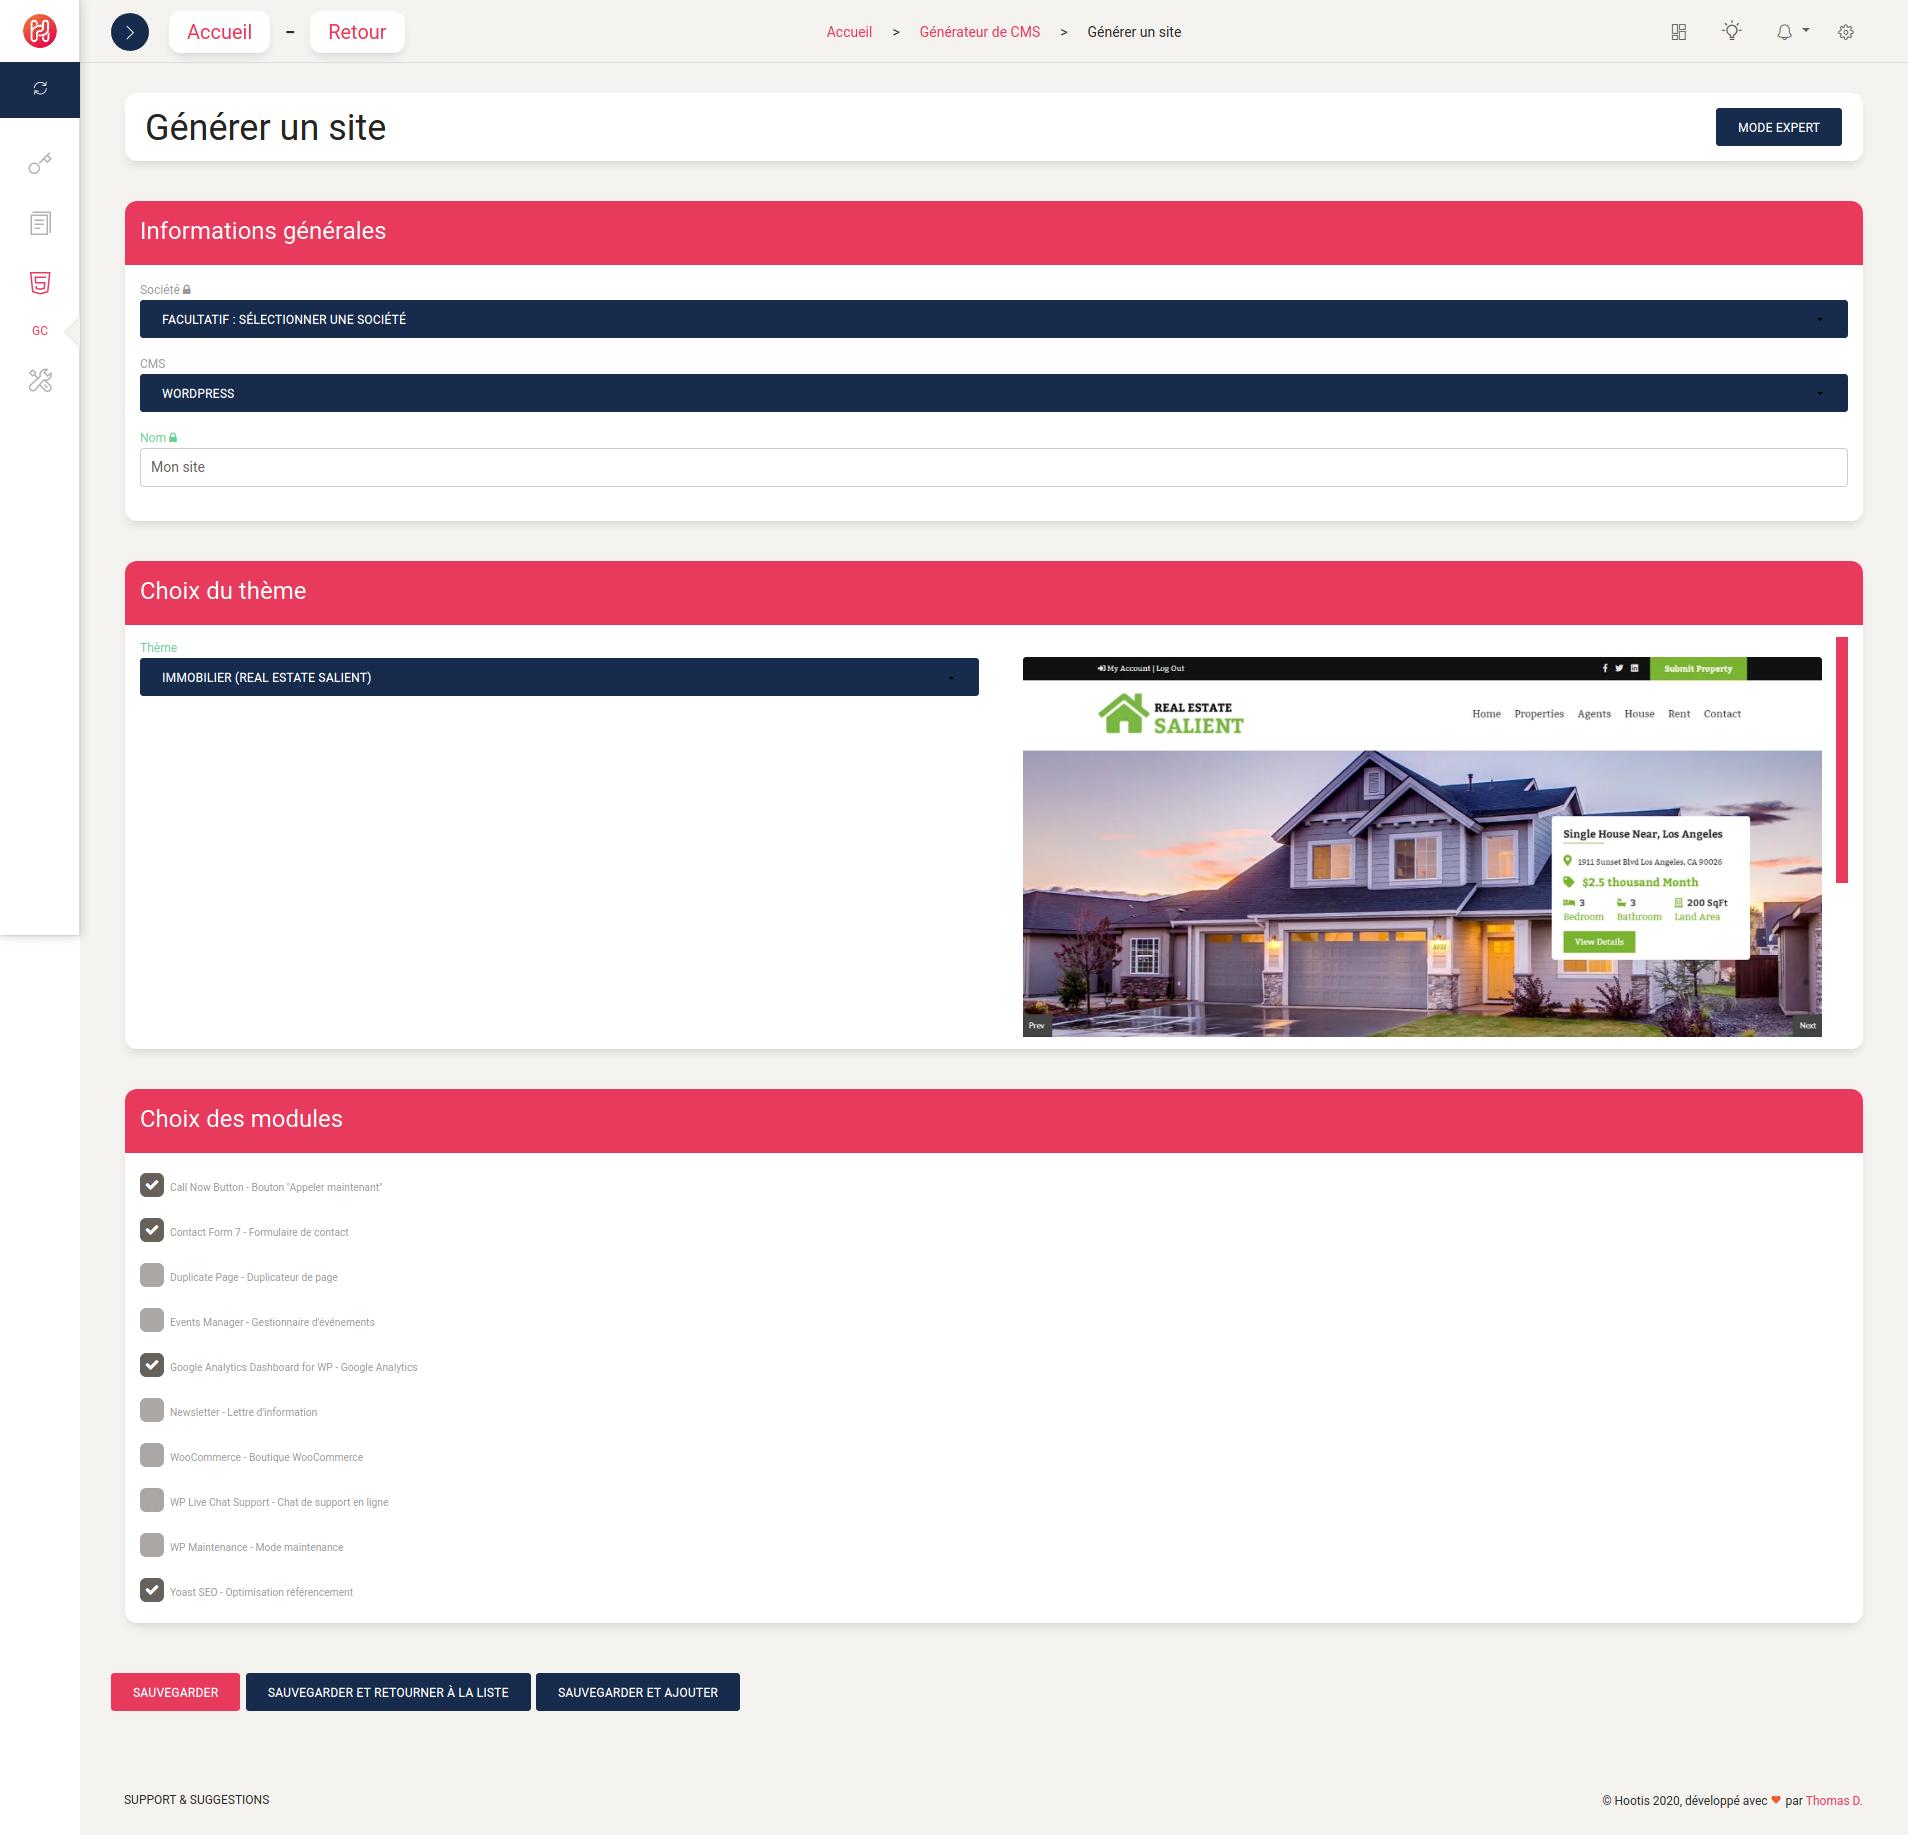 Générer un site